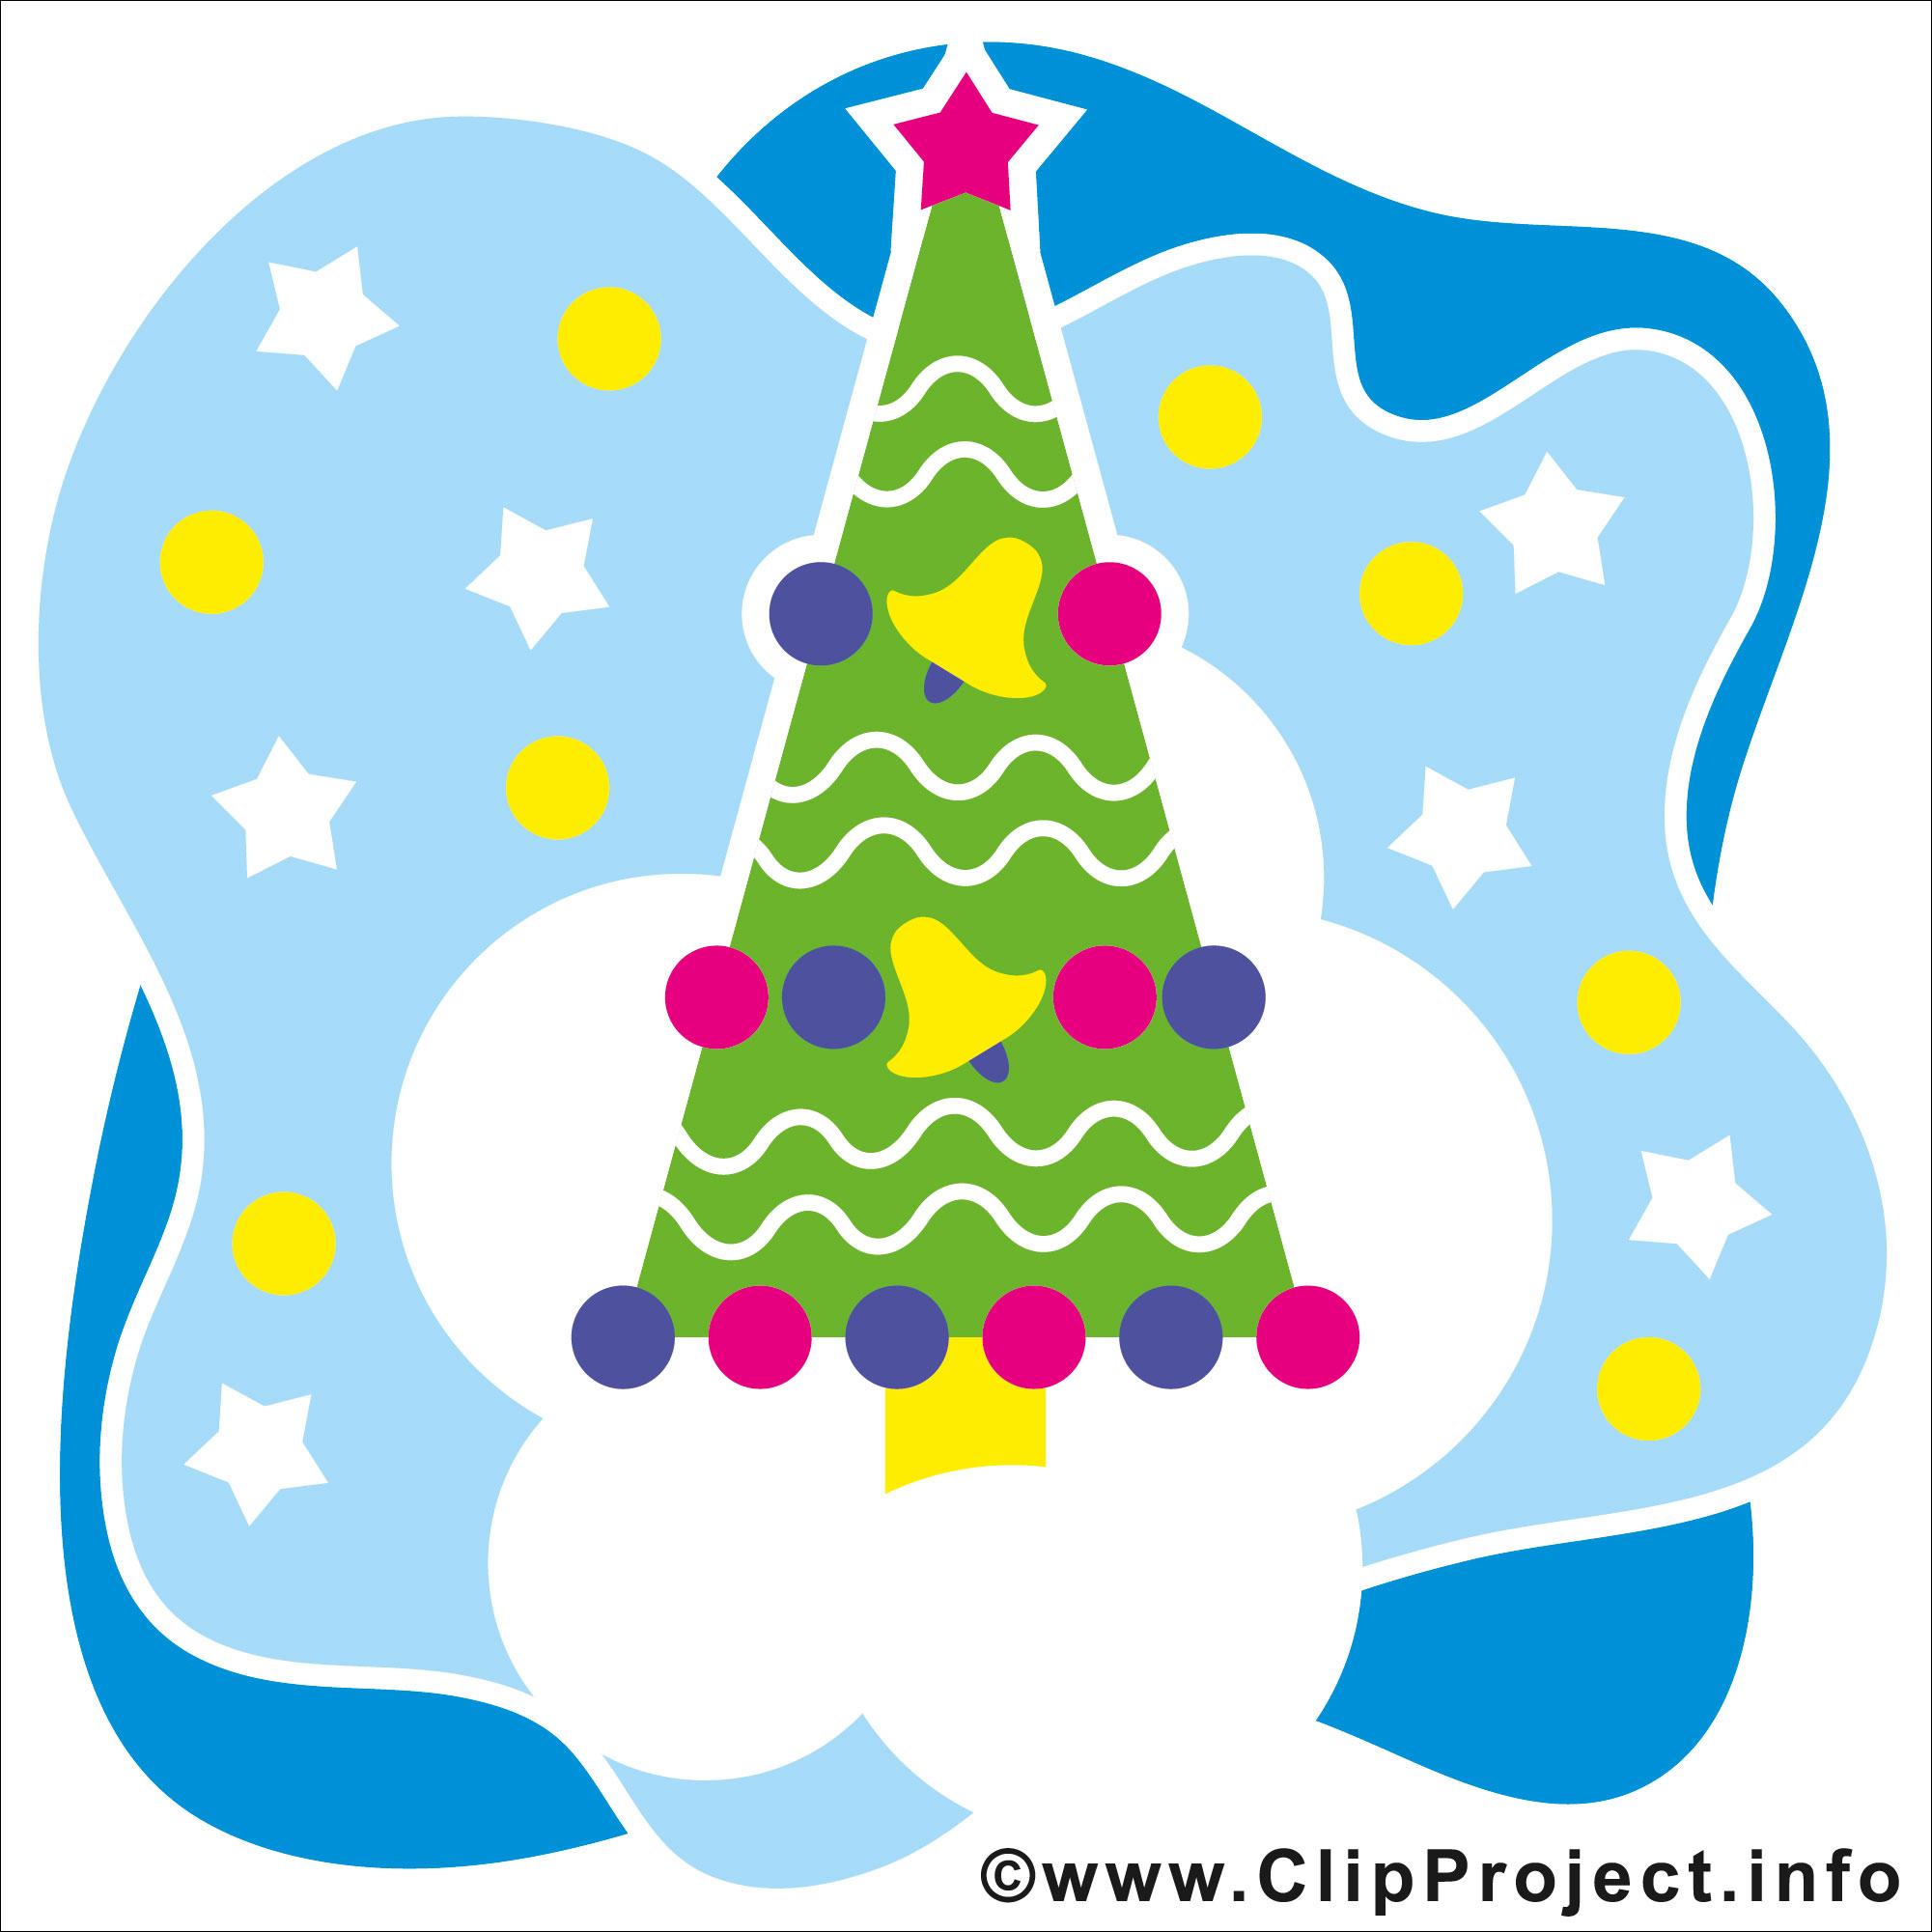 Clipart Frohe Weihnachten Kostenlos innen Frohe Weihnachten Clipart Kostenlos